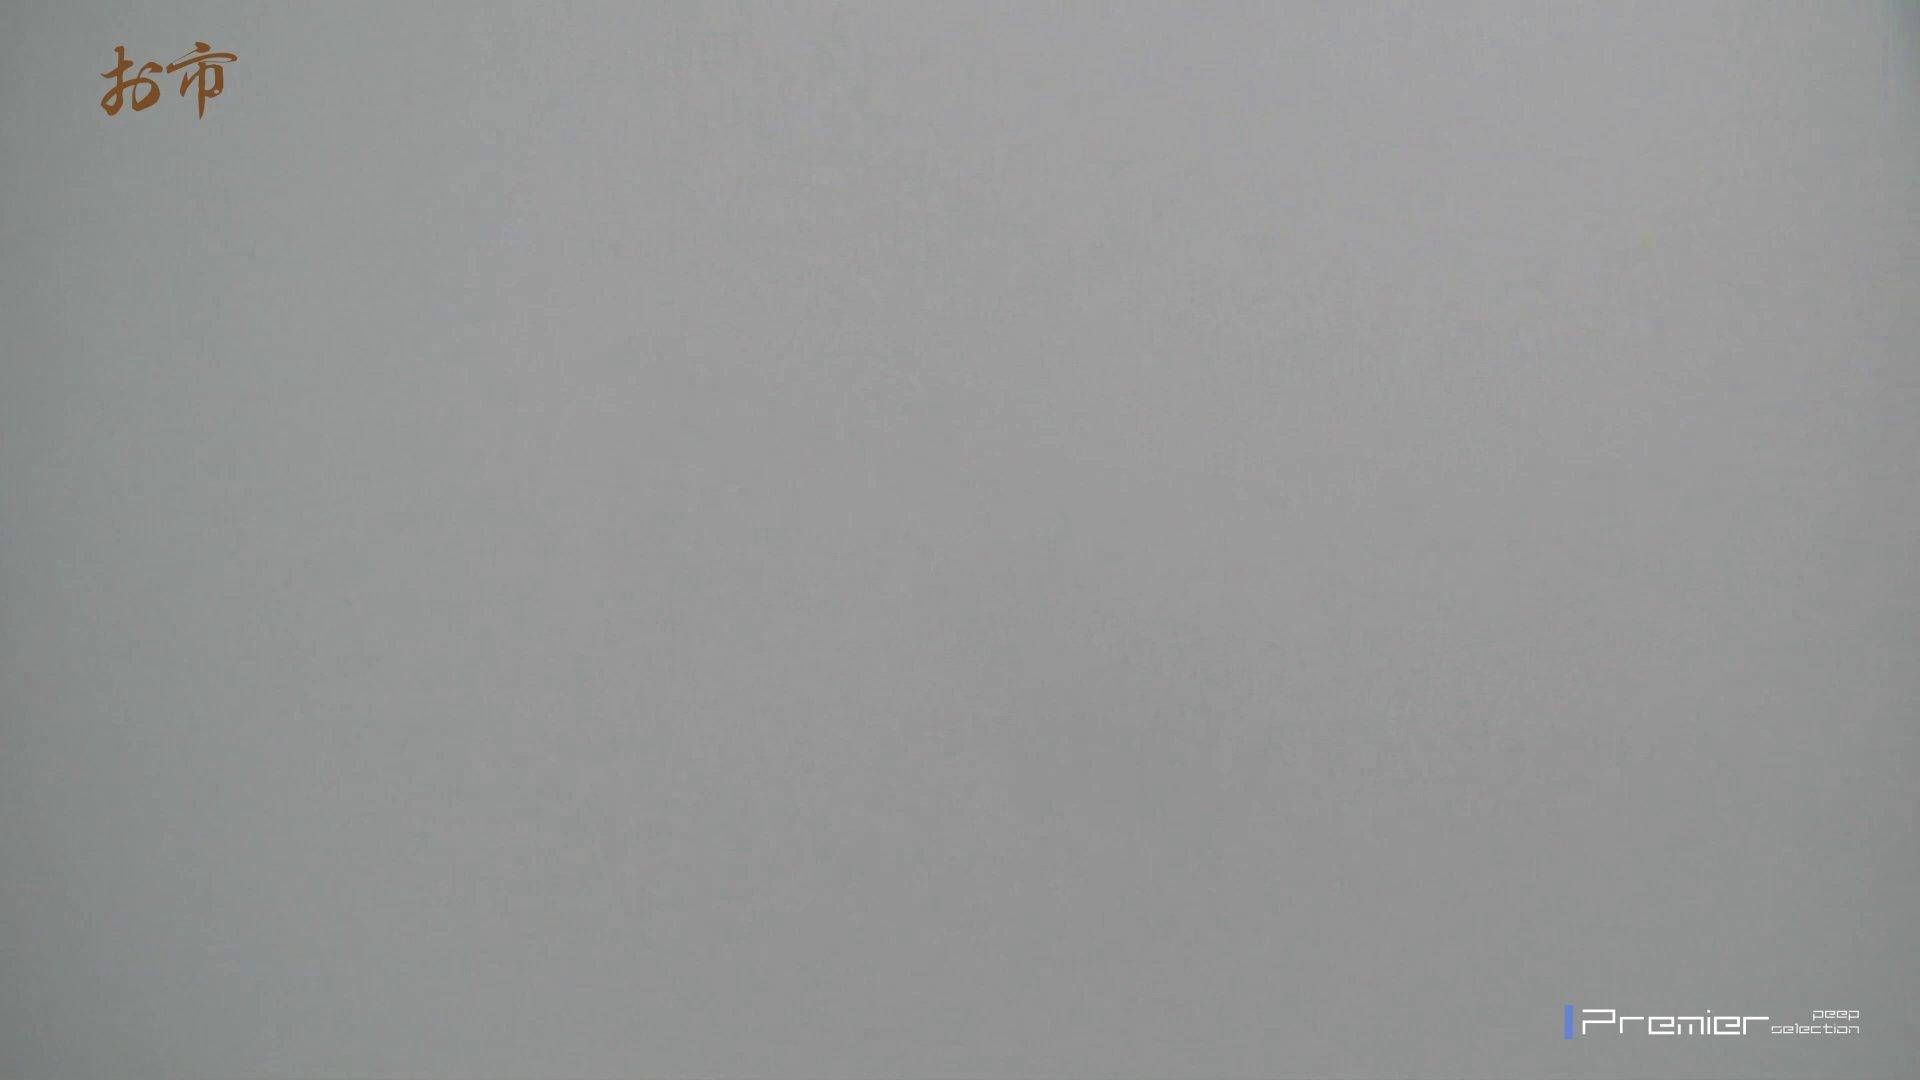 潜入!!台湾名門女学院 Vol.14 ラストコンテンツ!! エロくん潜入 ぱこり動画紹介 86連発 59